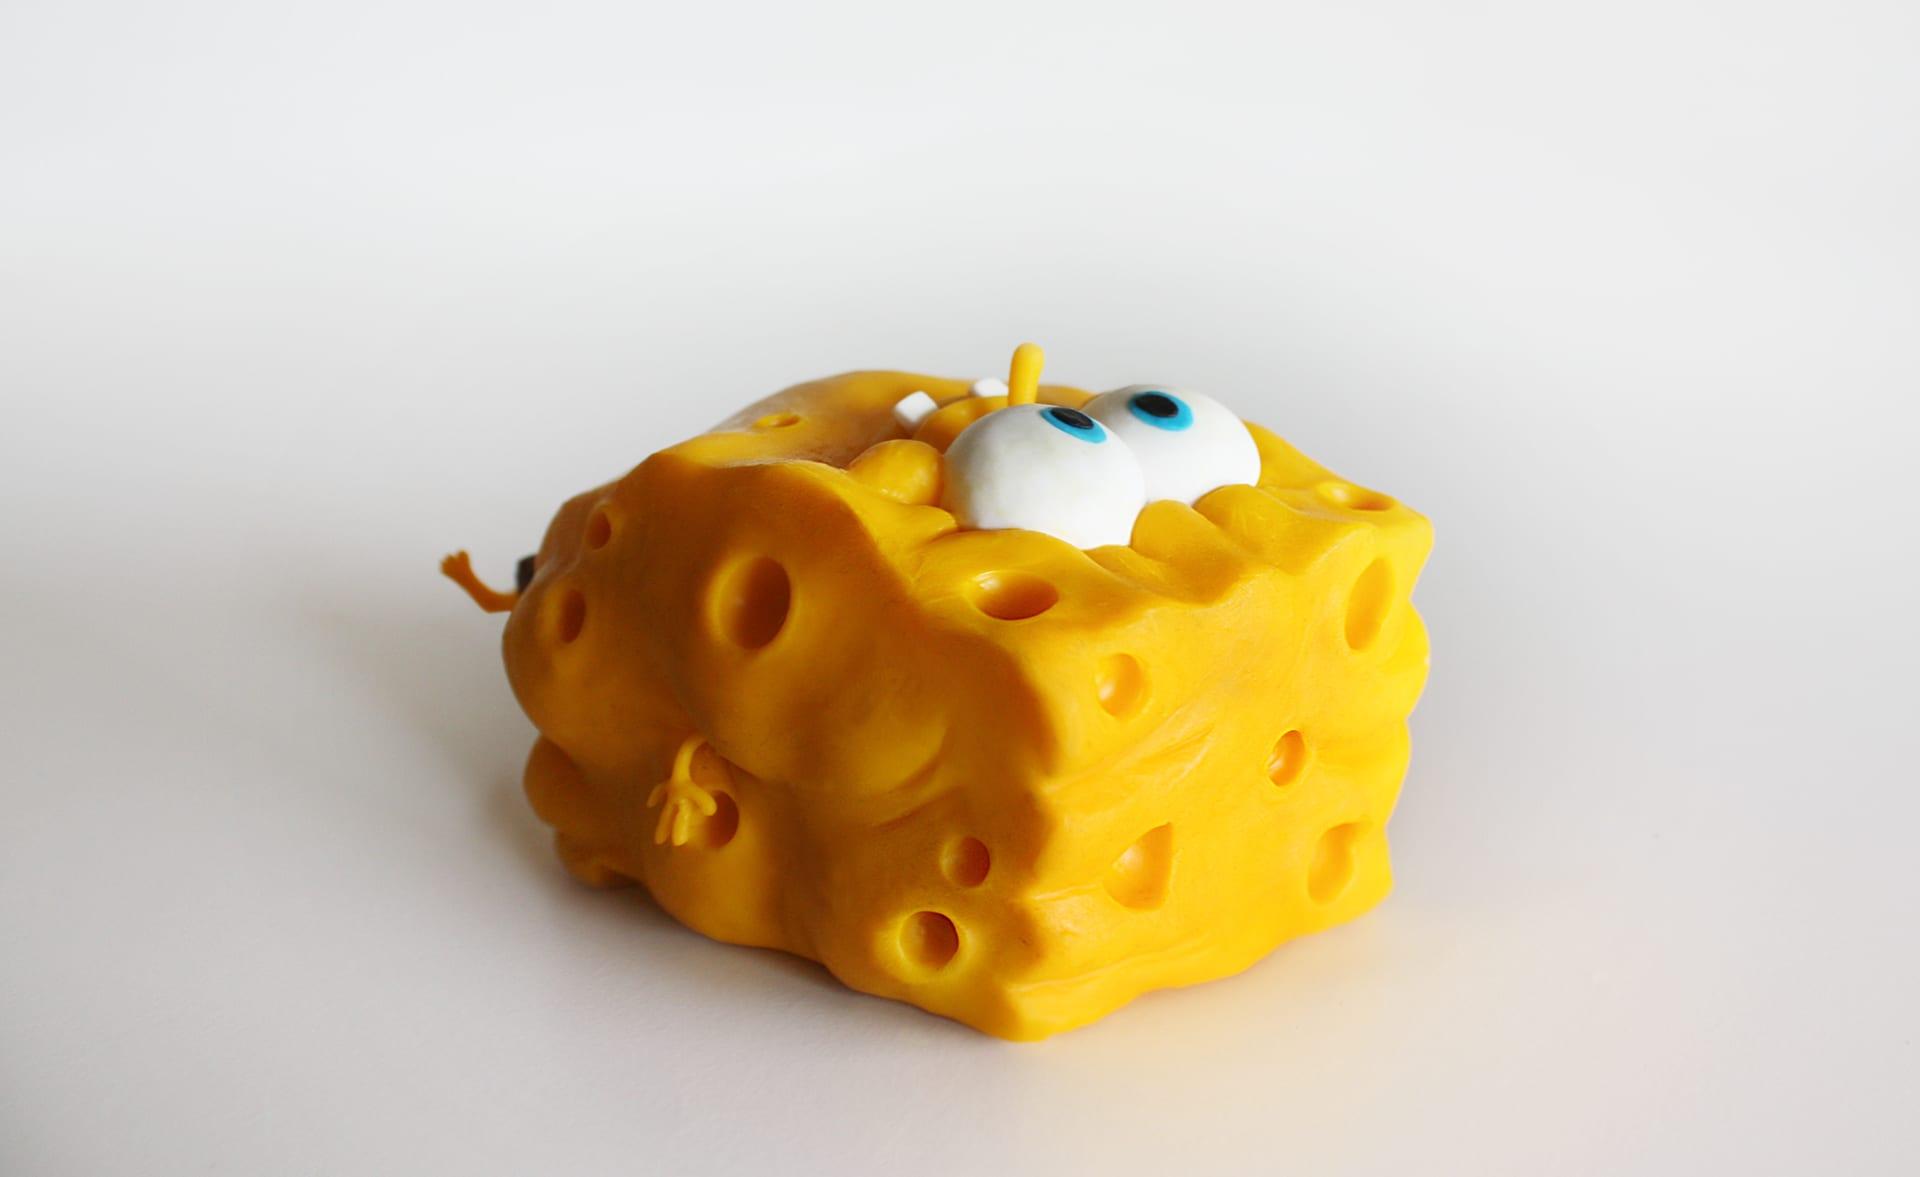 spongebob3 Selbstgemachte SpongeBob Figuren